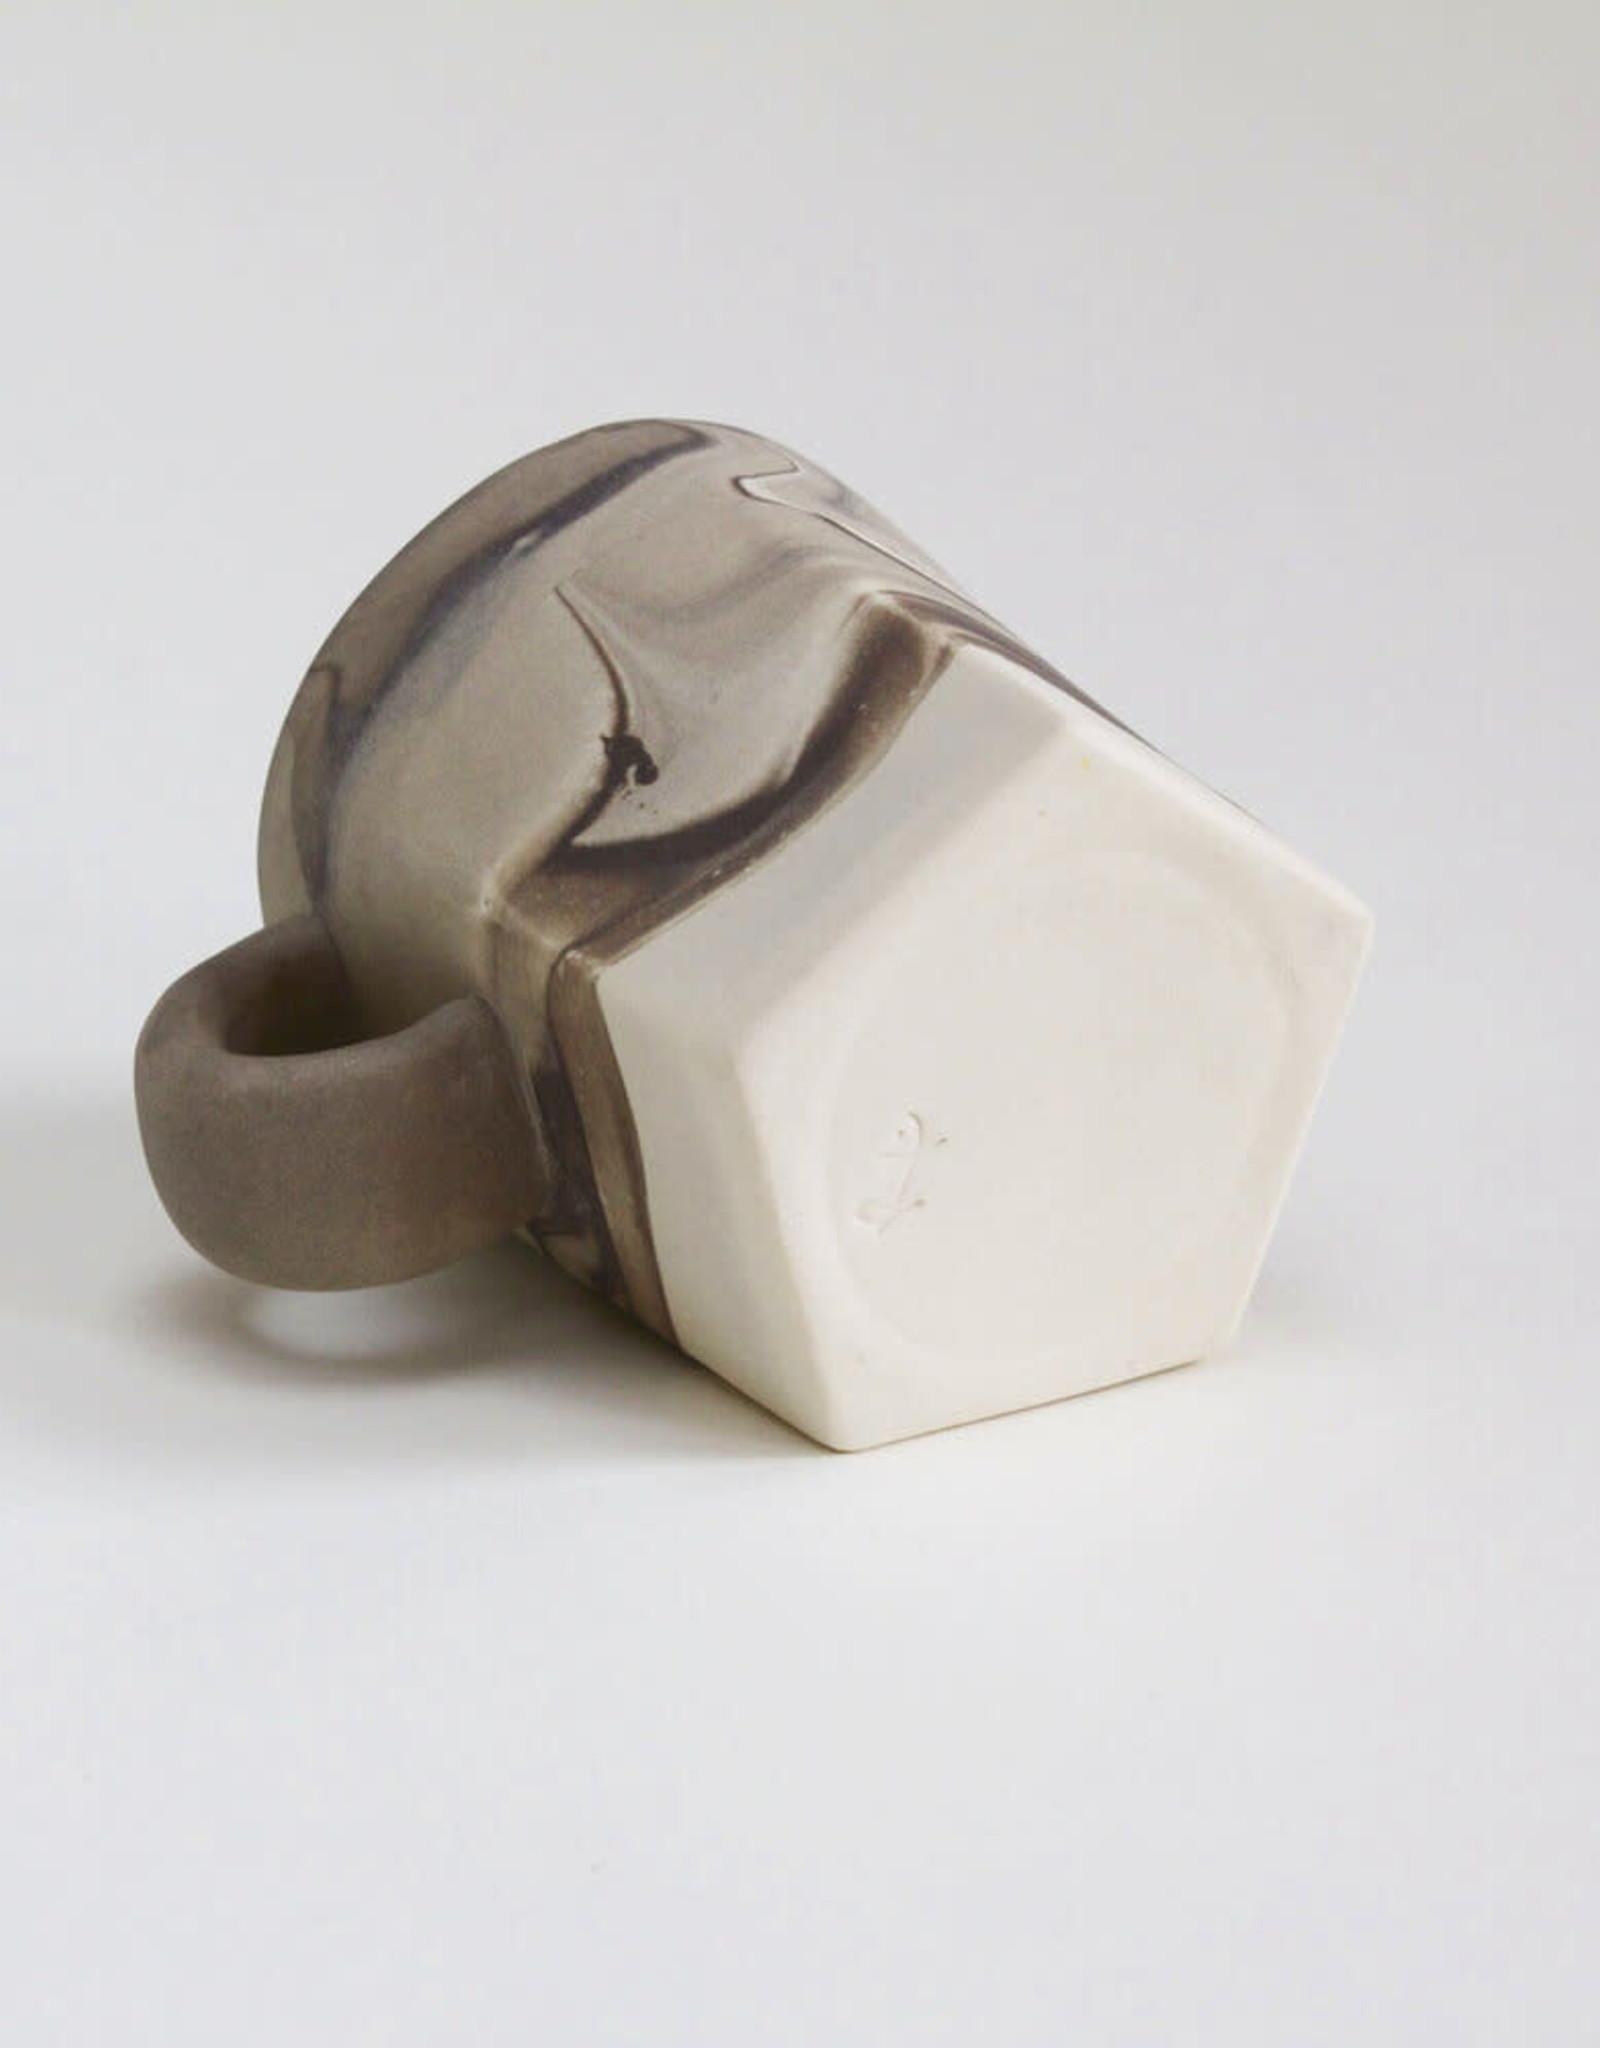 Rachael Kroeker Tasse pentagone 6 oz